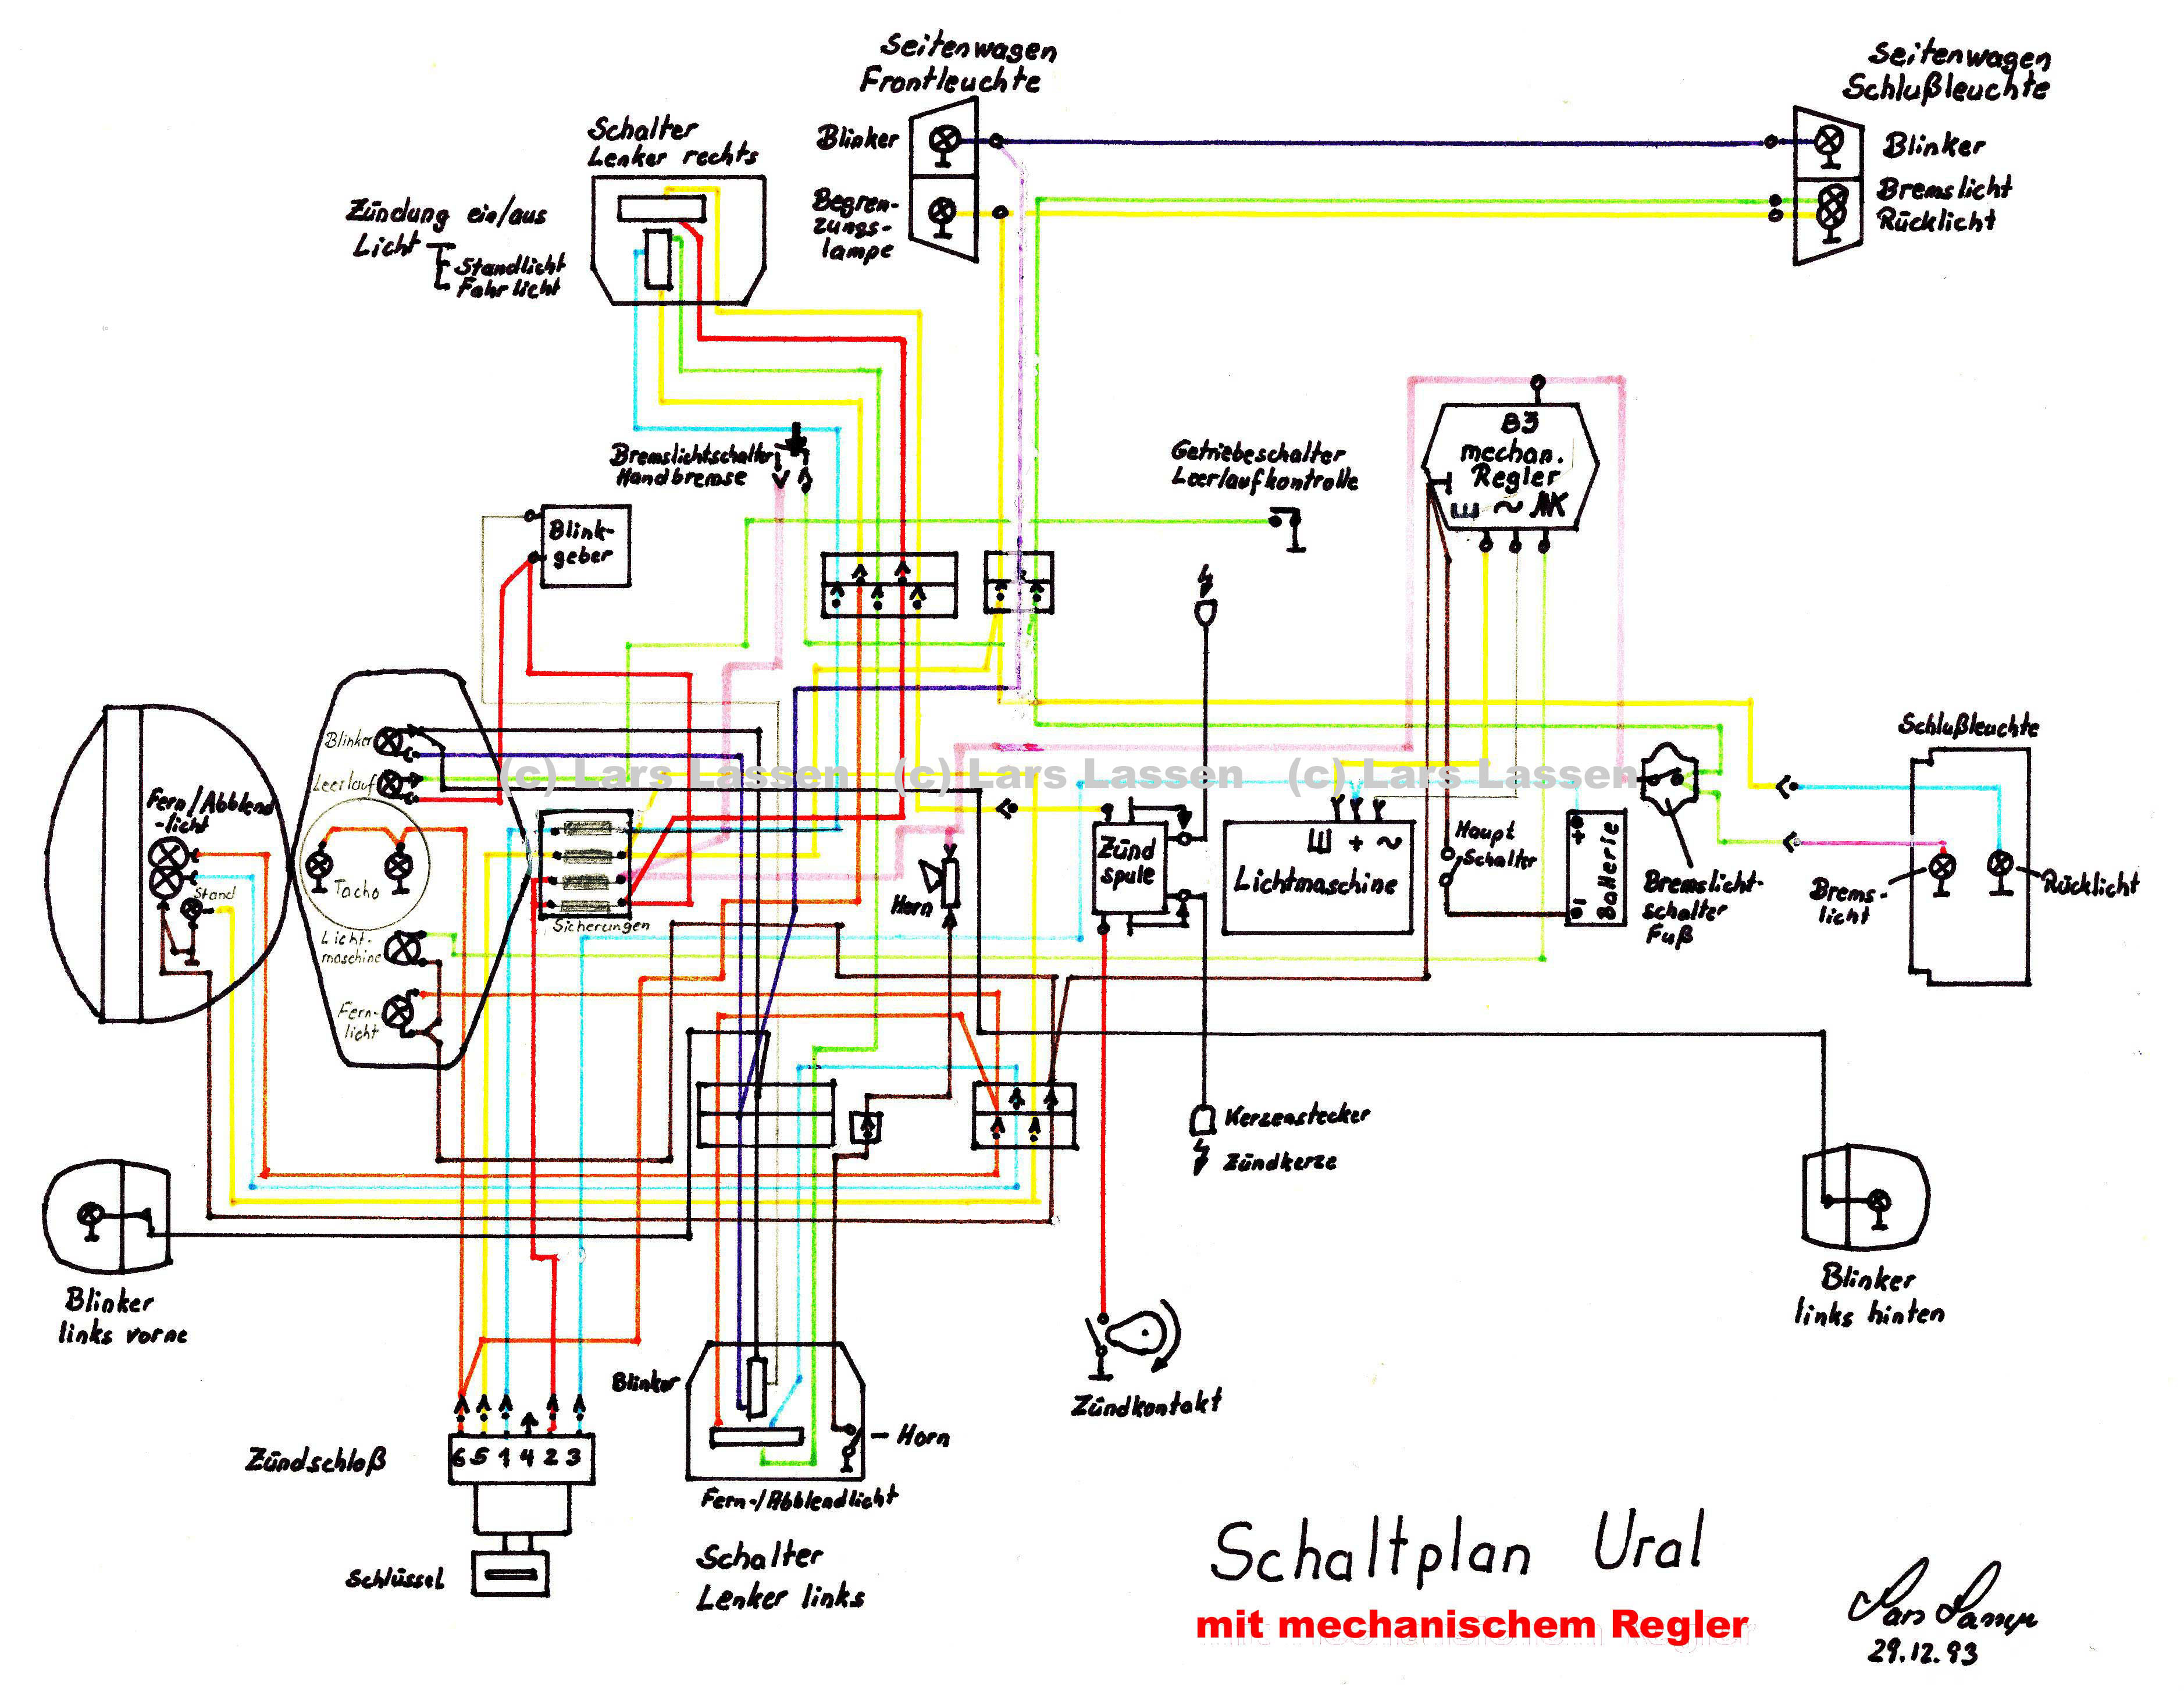 Charmant Gm Blinker Schaltplan Ideen - Elektrische Schaltplan-Ideen ...